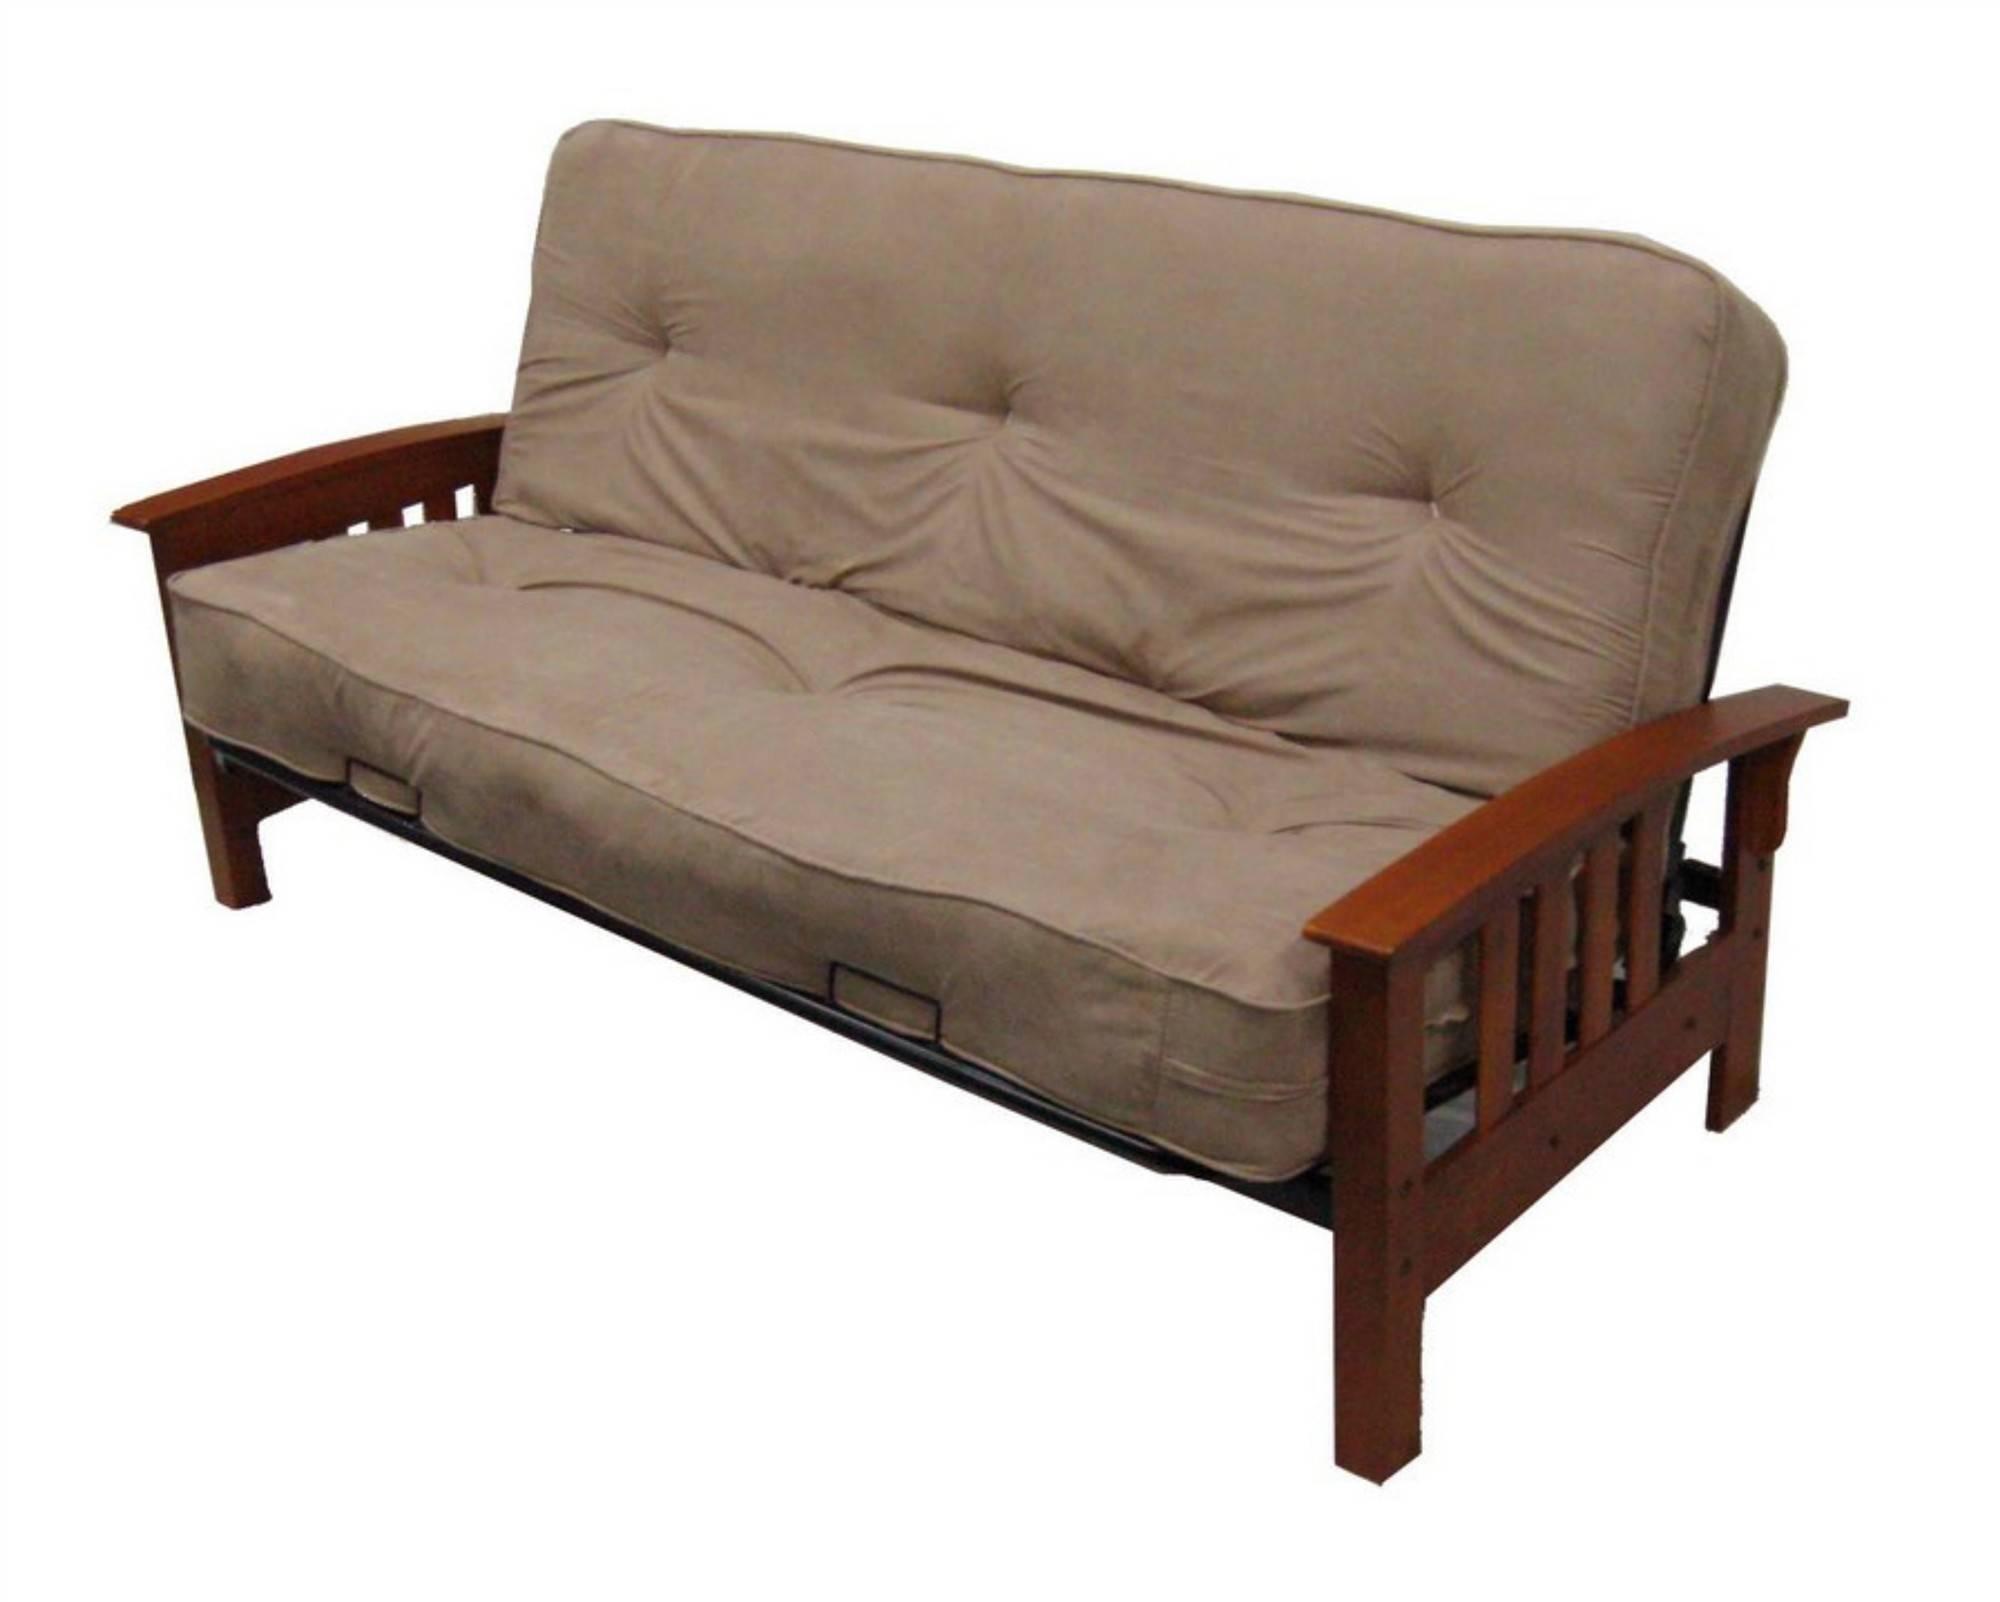 Futon Kmart | Furniture Shop intended for Kmart Futon Beds (Image 11 of 15)